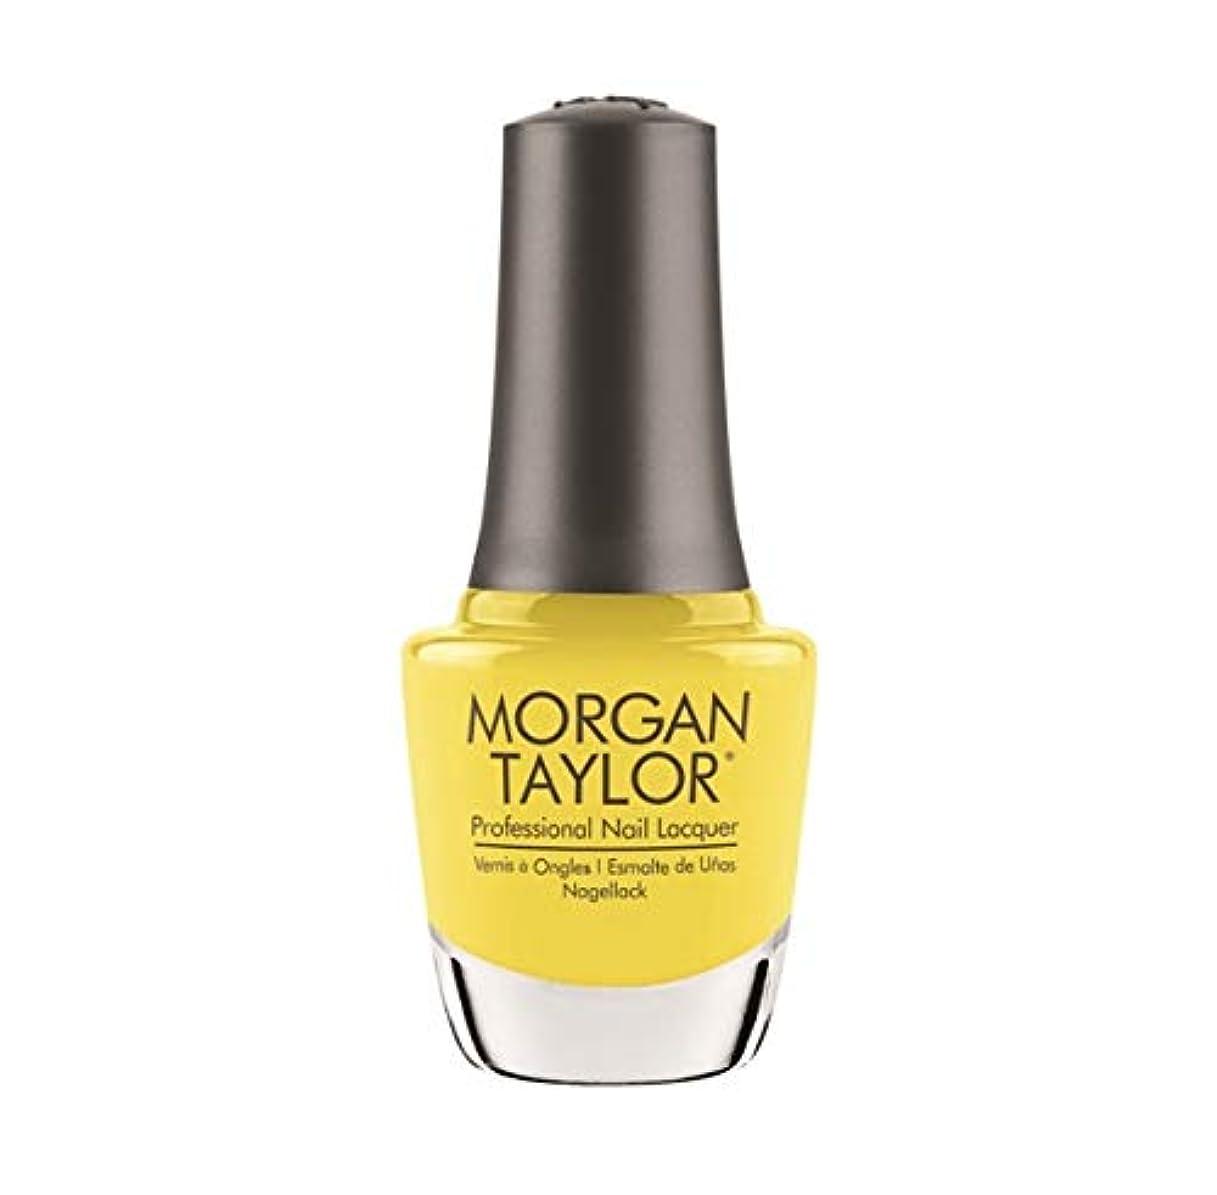 嵐が丘つば研究所Morgan Taylor Nail Lacquer - Rocketman Collection - Glow Like A Star - 15ml / 0.5oz